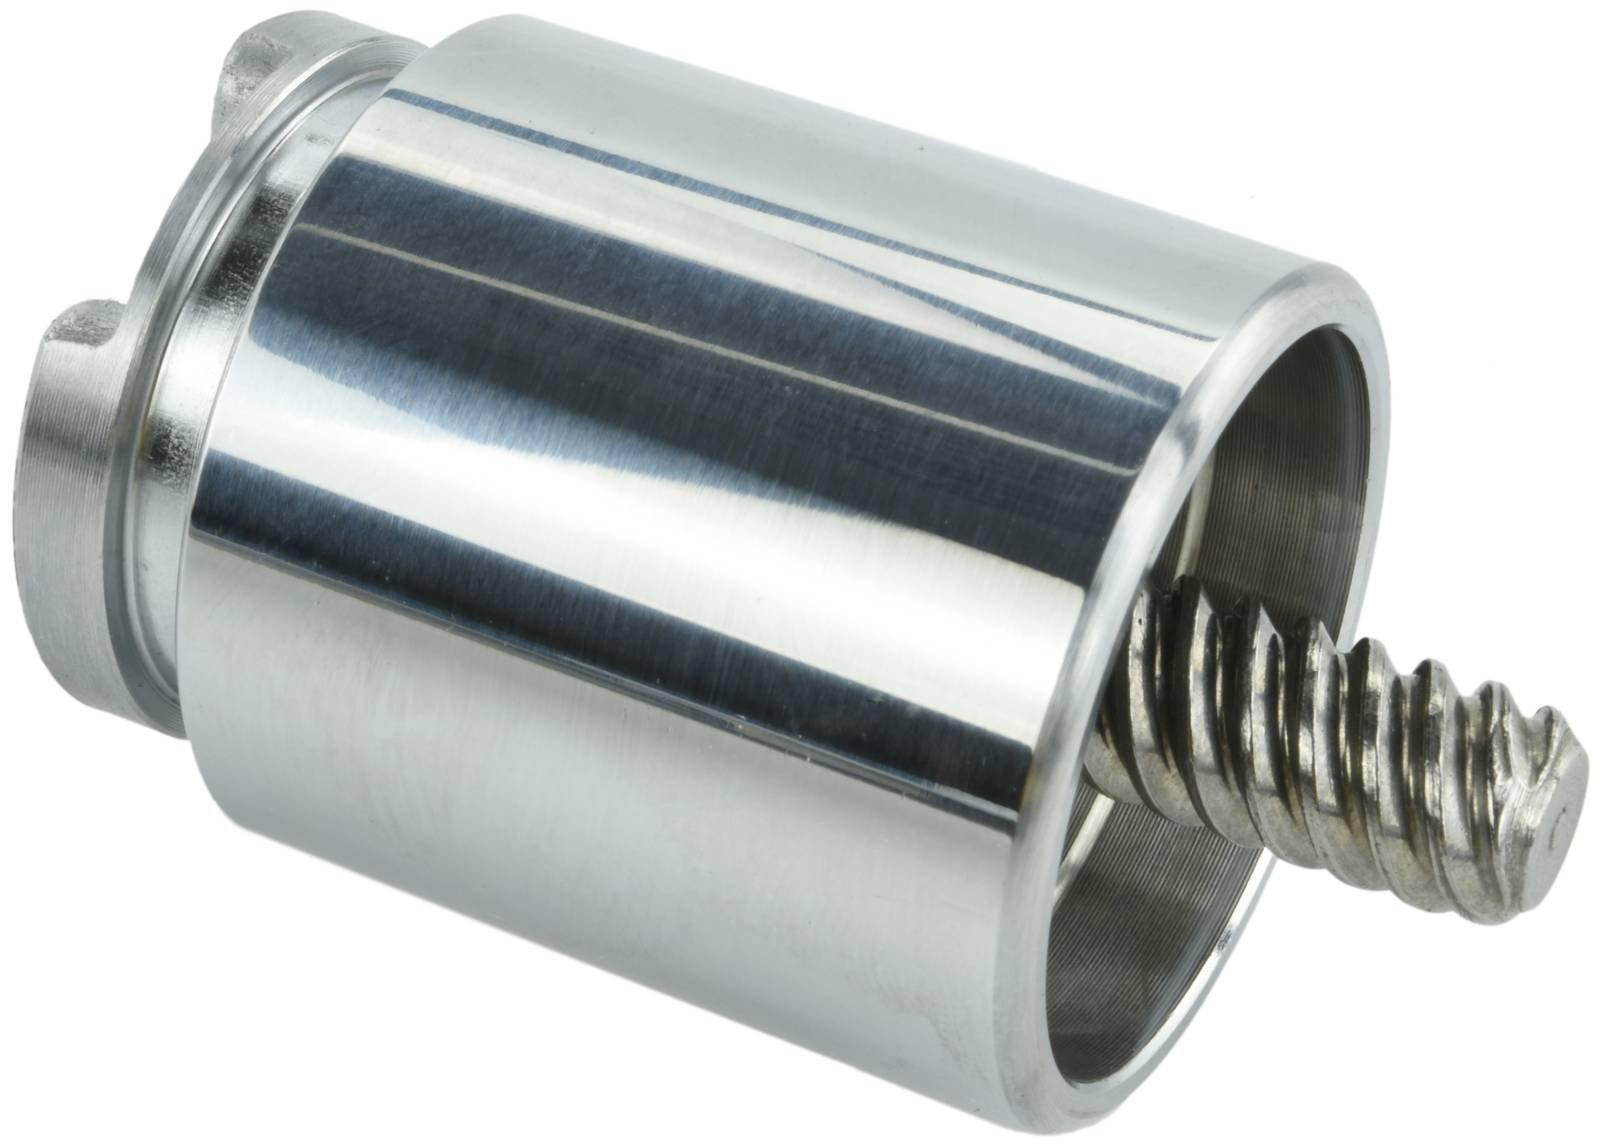 Febest - Mazda Cylinder Piston (Rear) - Oem: Gjzj-26-98Za